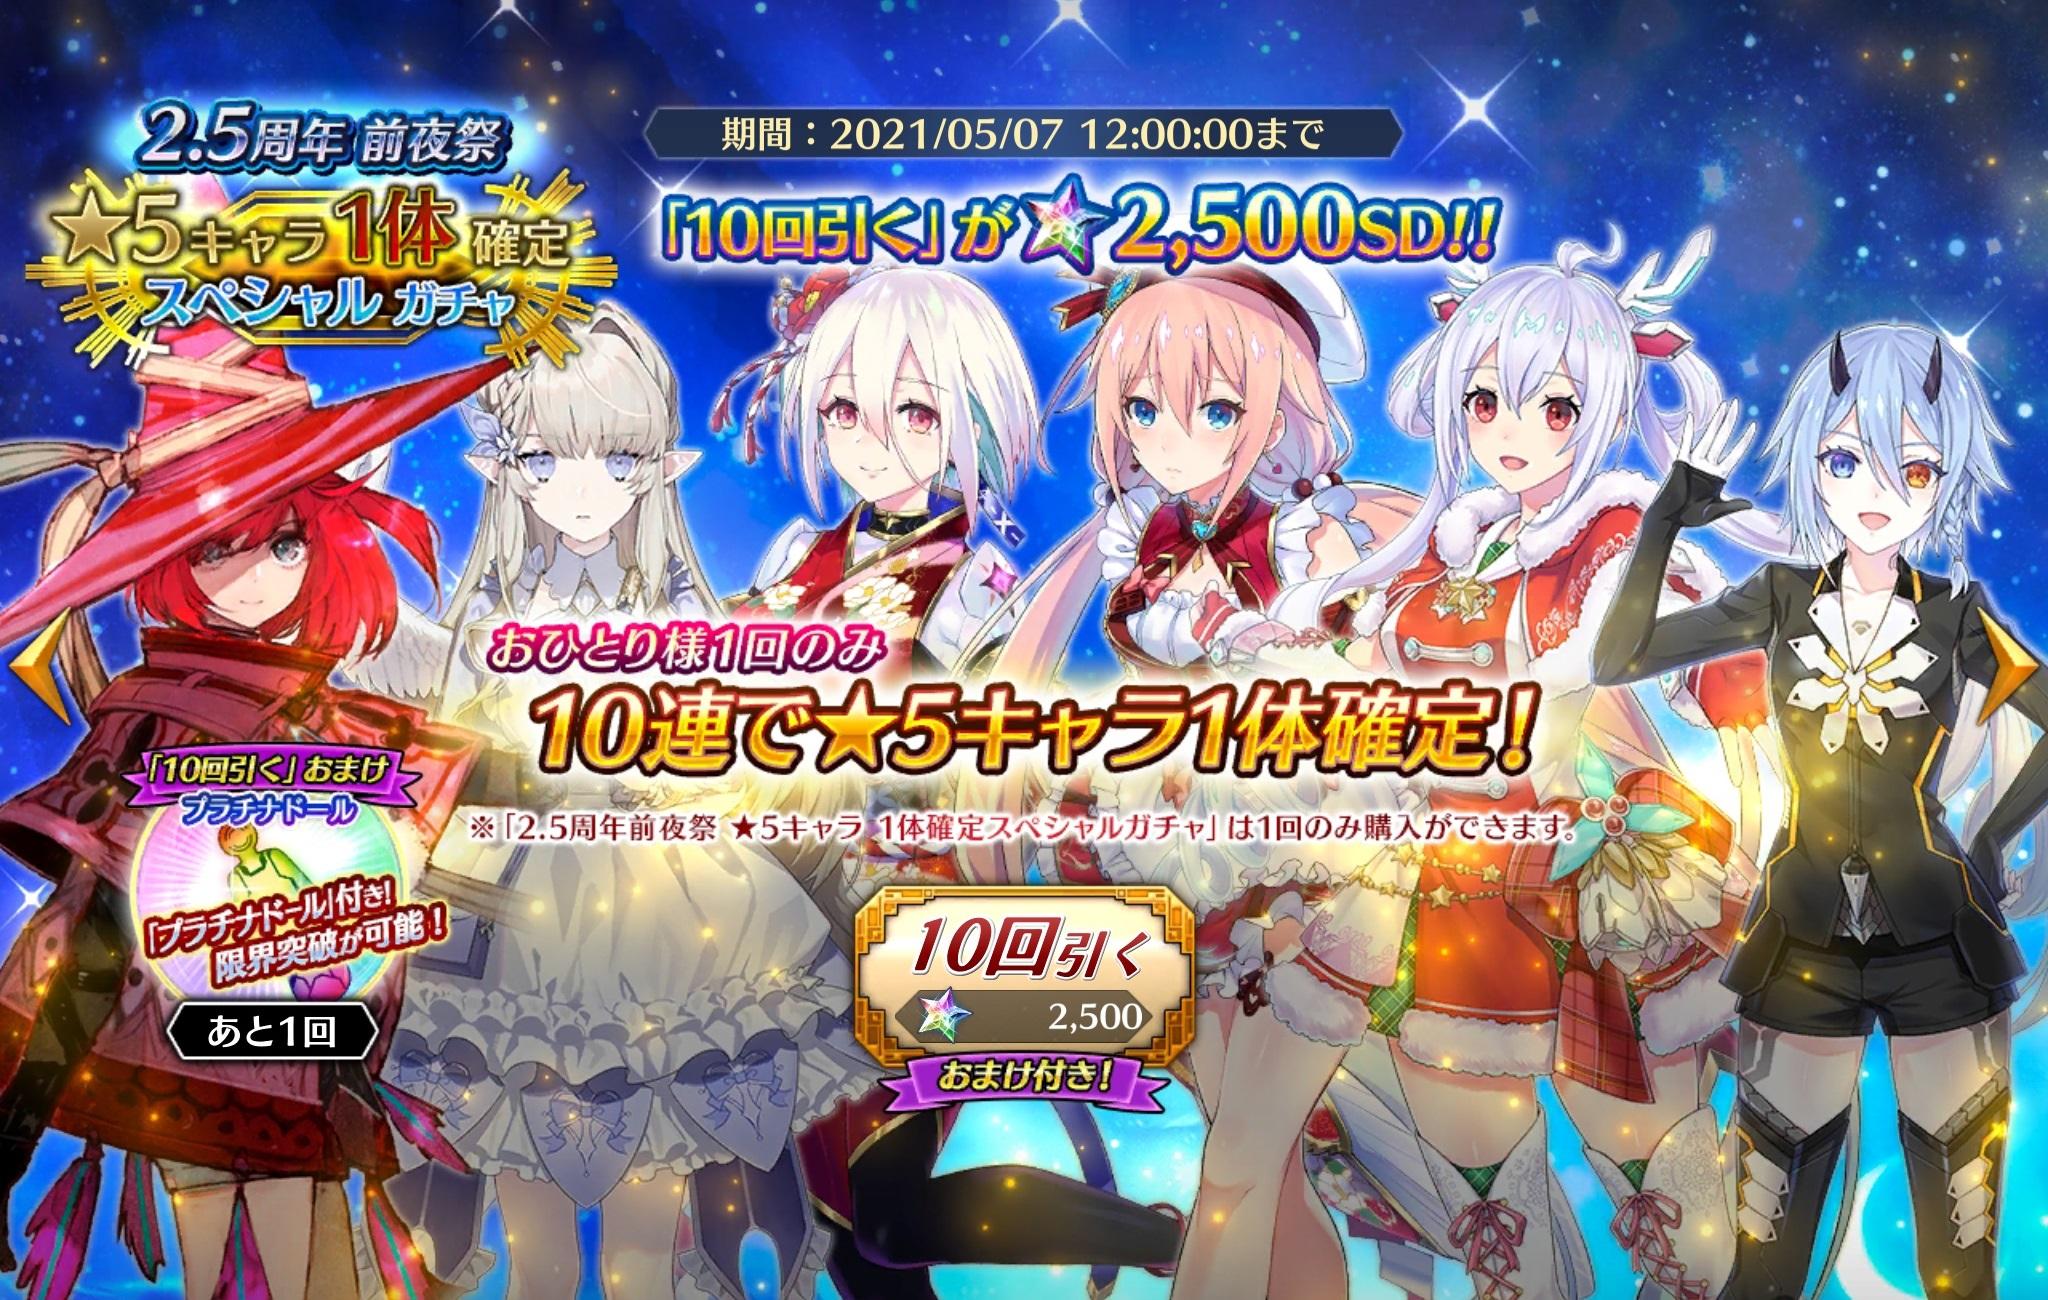 【イドラ】2.5周年前夜祭スペシャルガチャ